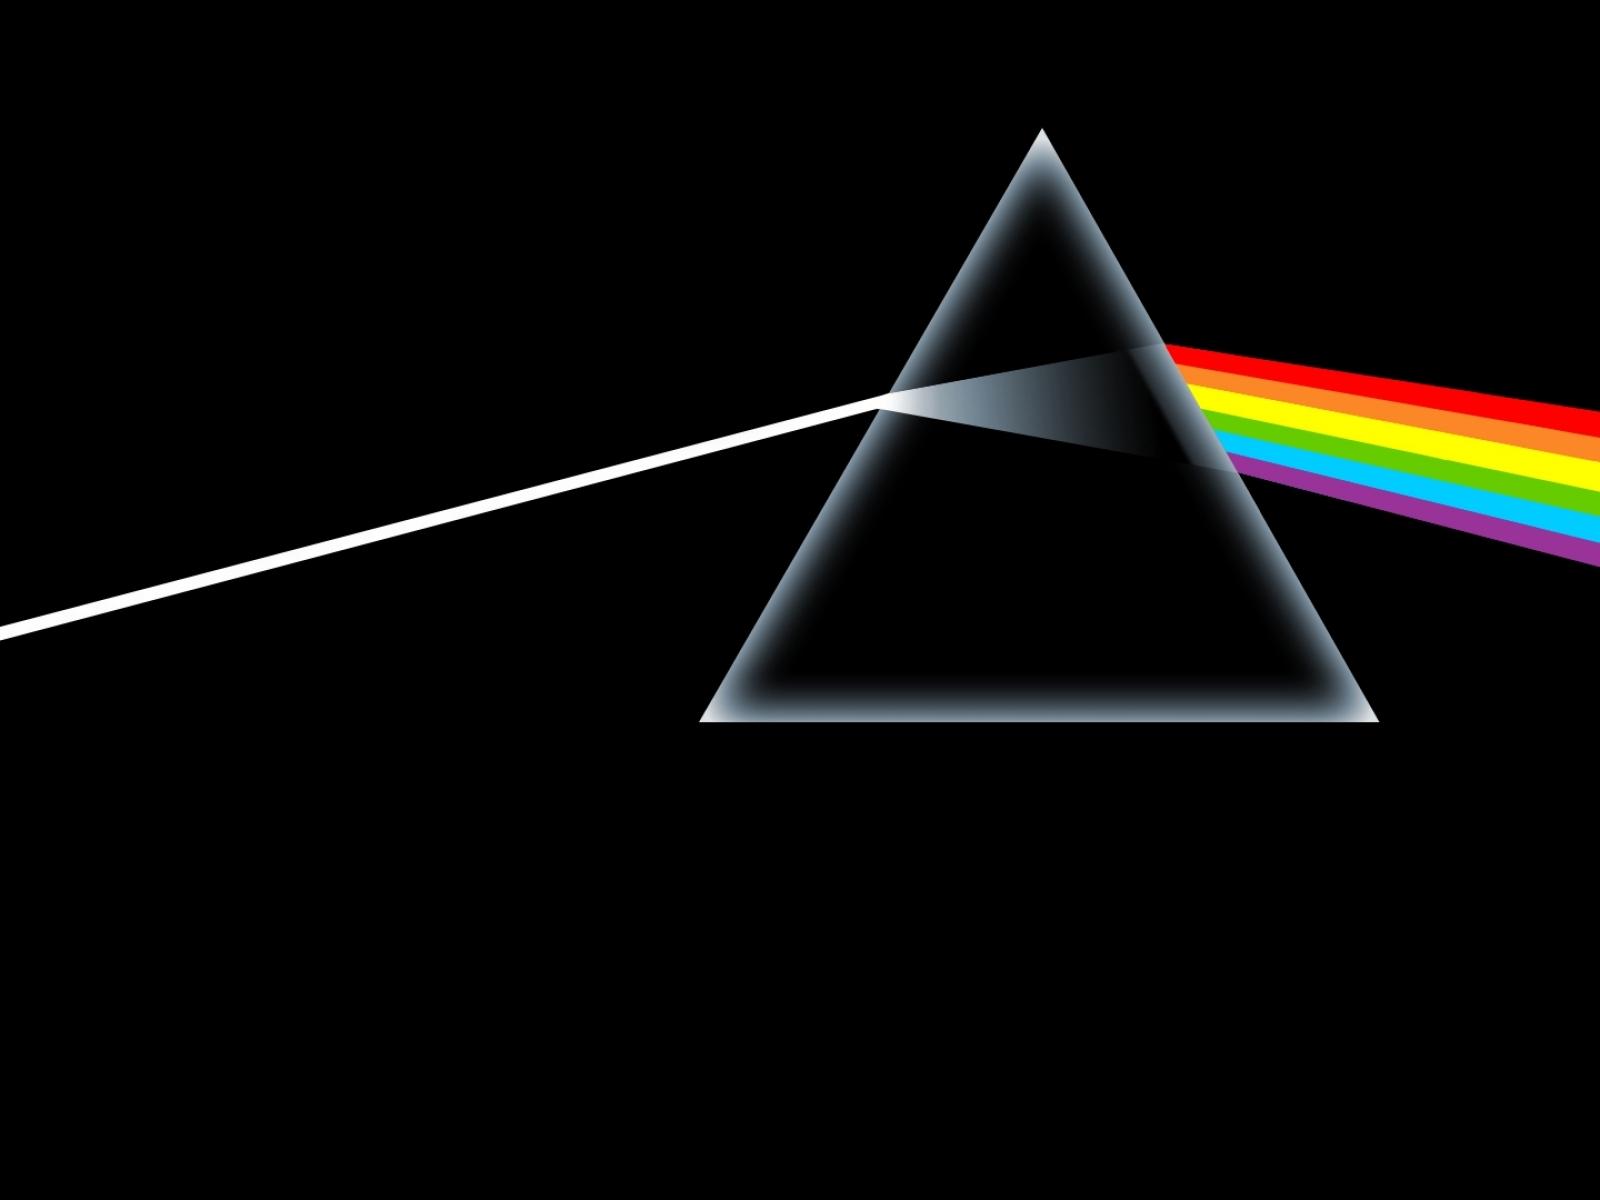 pink_floyd_prism_rainbows_1920x1080_wallpaper_Wallpaper_1600x1200_www.wall321.com